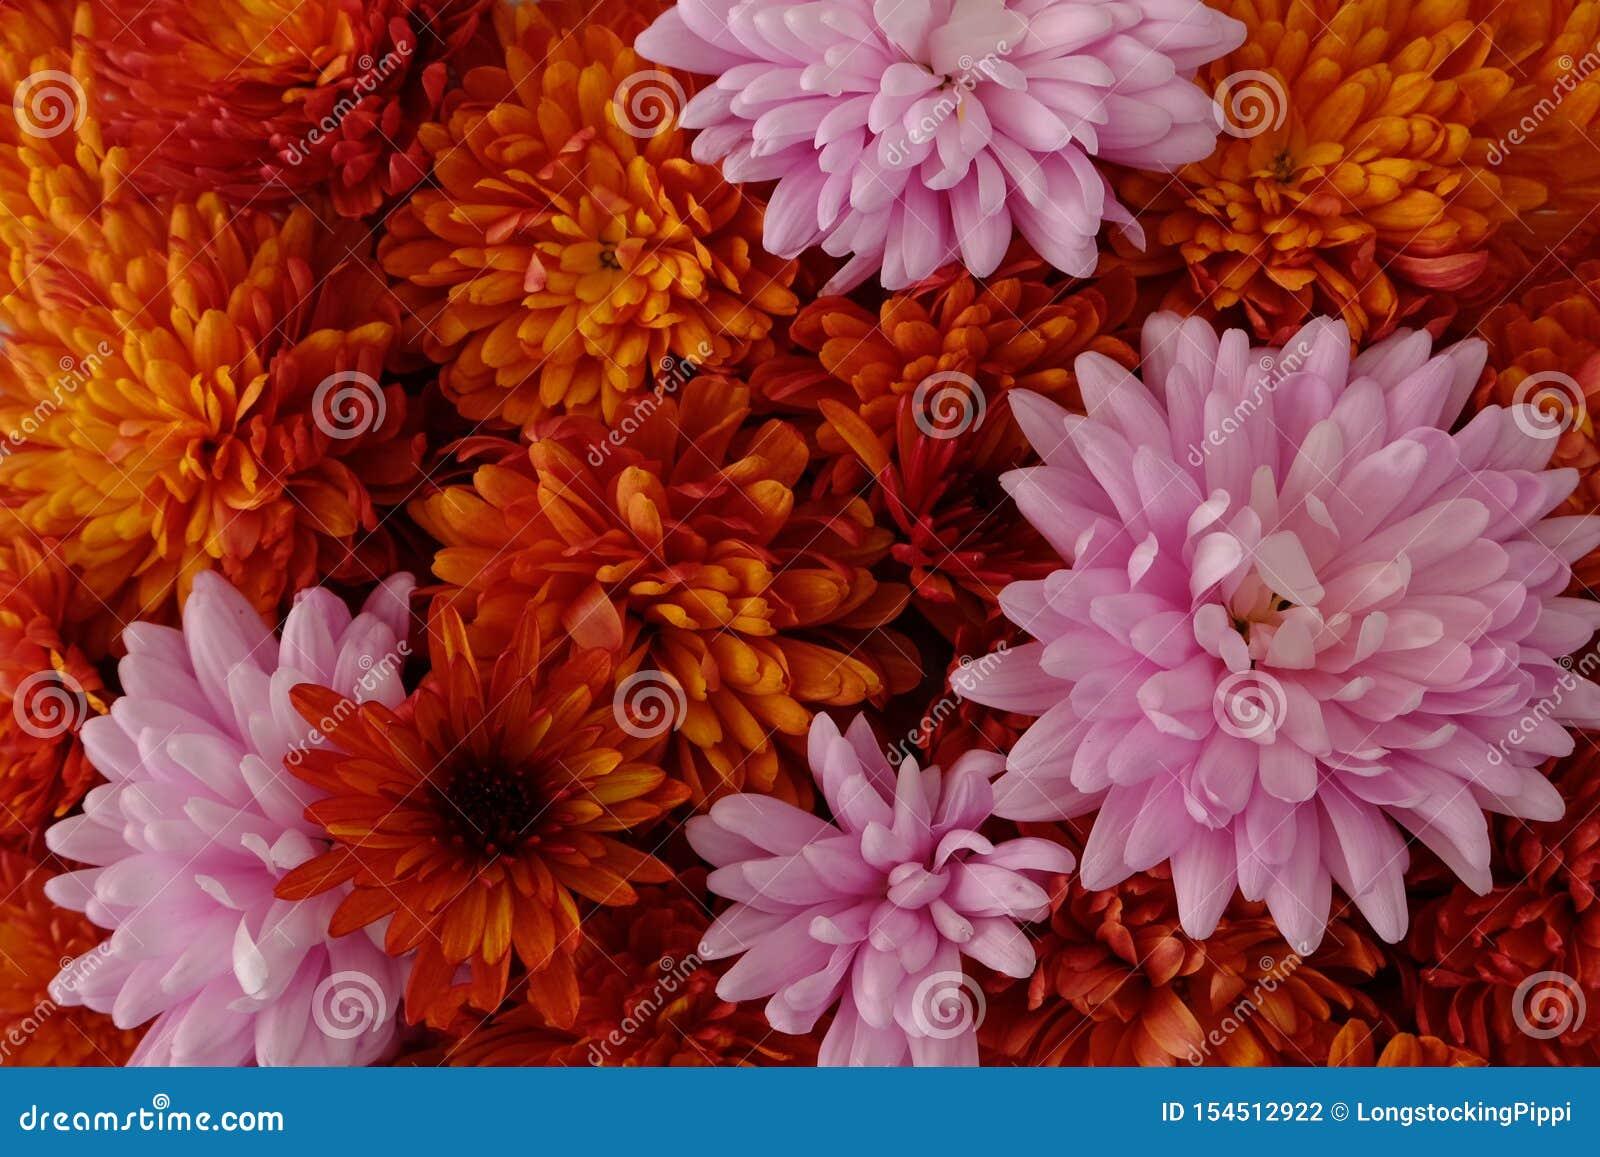 Schönes Rosa und rote Chrysanthemenblumen in voller Blüte, blumige Beschaffenheit für Hintergrund Einfach zu bearbeiten und zu ?n